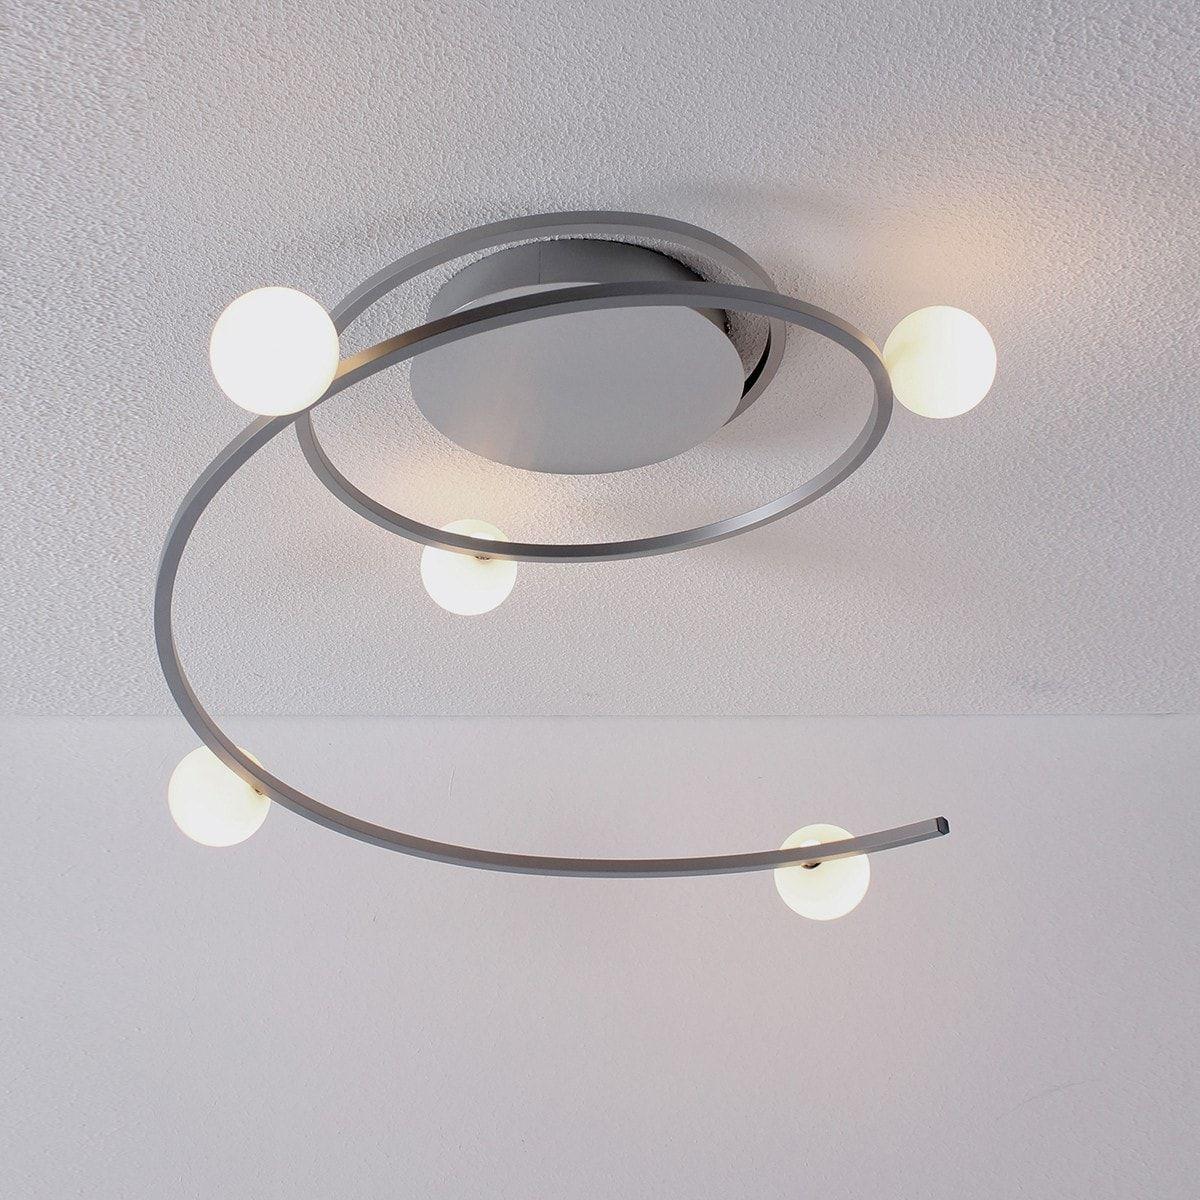 Full Size of Deckenlampe Ideen Schlafzimmer Wohnzimmer Deckenlampen Modern Tapeten Für Bad Renovieren Wohnzimmer Deckenlampen Ideen